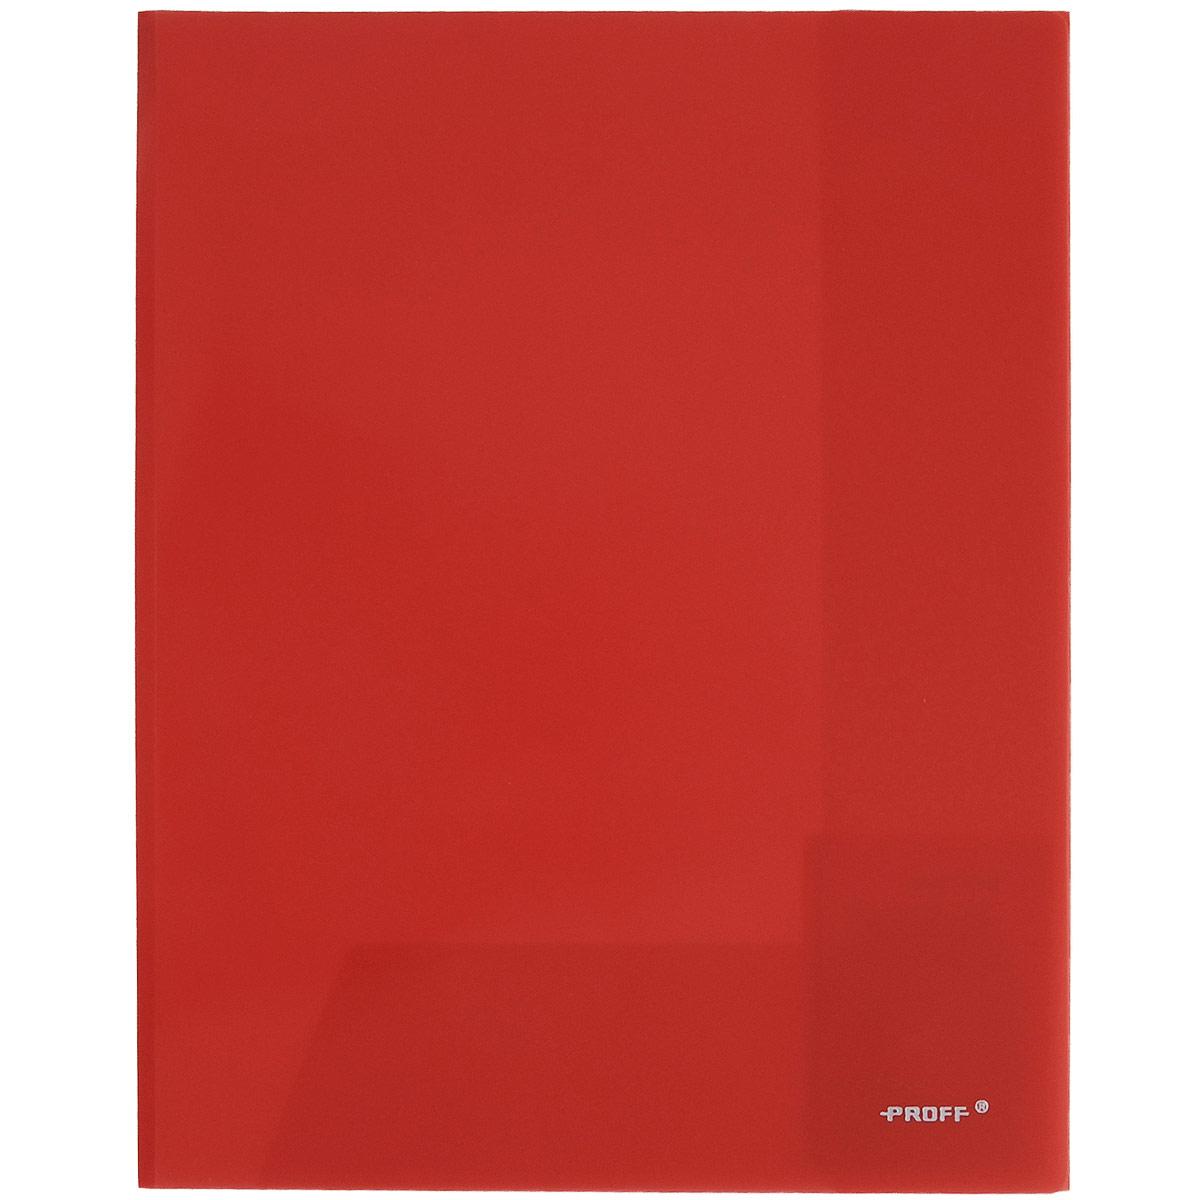 Папка-уголок Proff, цвет: красный, 2 клапана. Формат А4FS-36052Папка-уголок Proff, изготовленная из высококачественного полипропилена, это удобный и практичный офисный инструмент, предназначенный для хранения и транспортировки рабочих бумаг и документов формата А4. Полупрозрачная папка оснащена двумя клапана внутри для надежного удержания бумаг. Папка-уголок - это незаменимый атрибут для студента, школьника, офисного работника. Такая папка надежно сохранит ваши документы и сбережет их от повреждений, пыли и влаги.